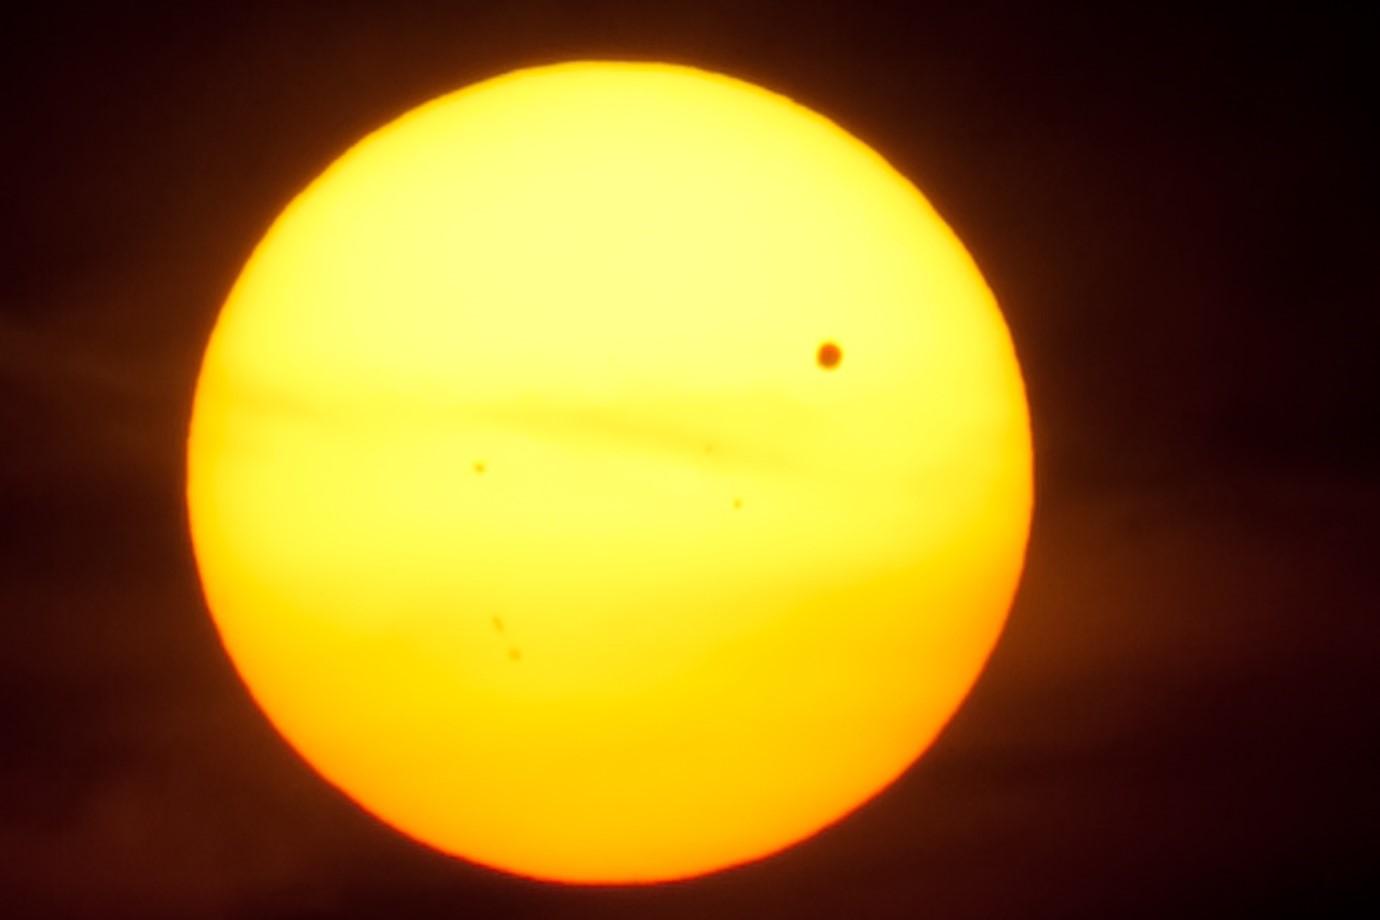 The Sun - The Solar System